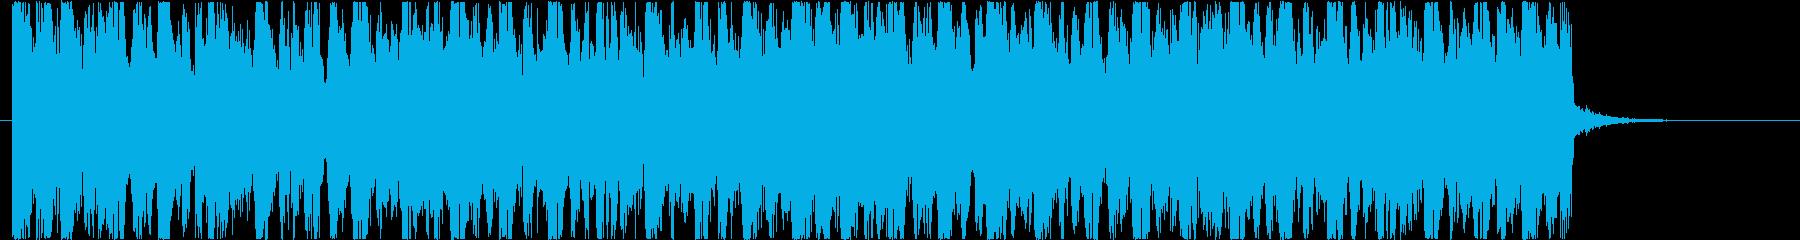 CMや情報番組向けのデジタルな電子ポップの再生済みの波形